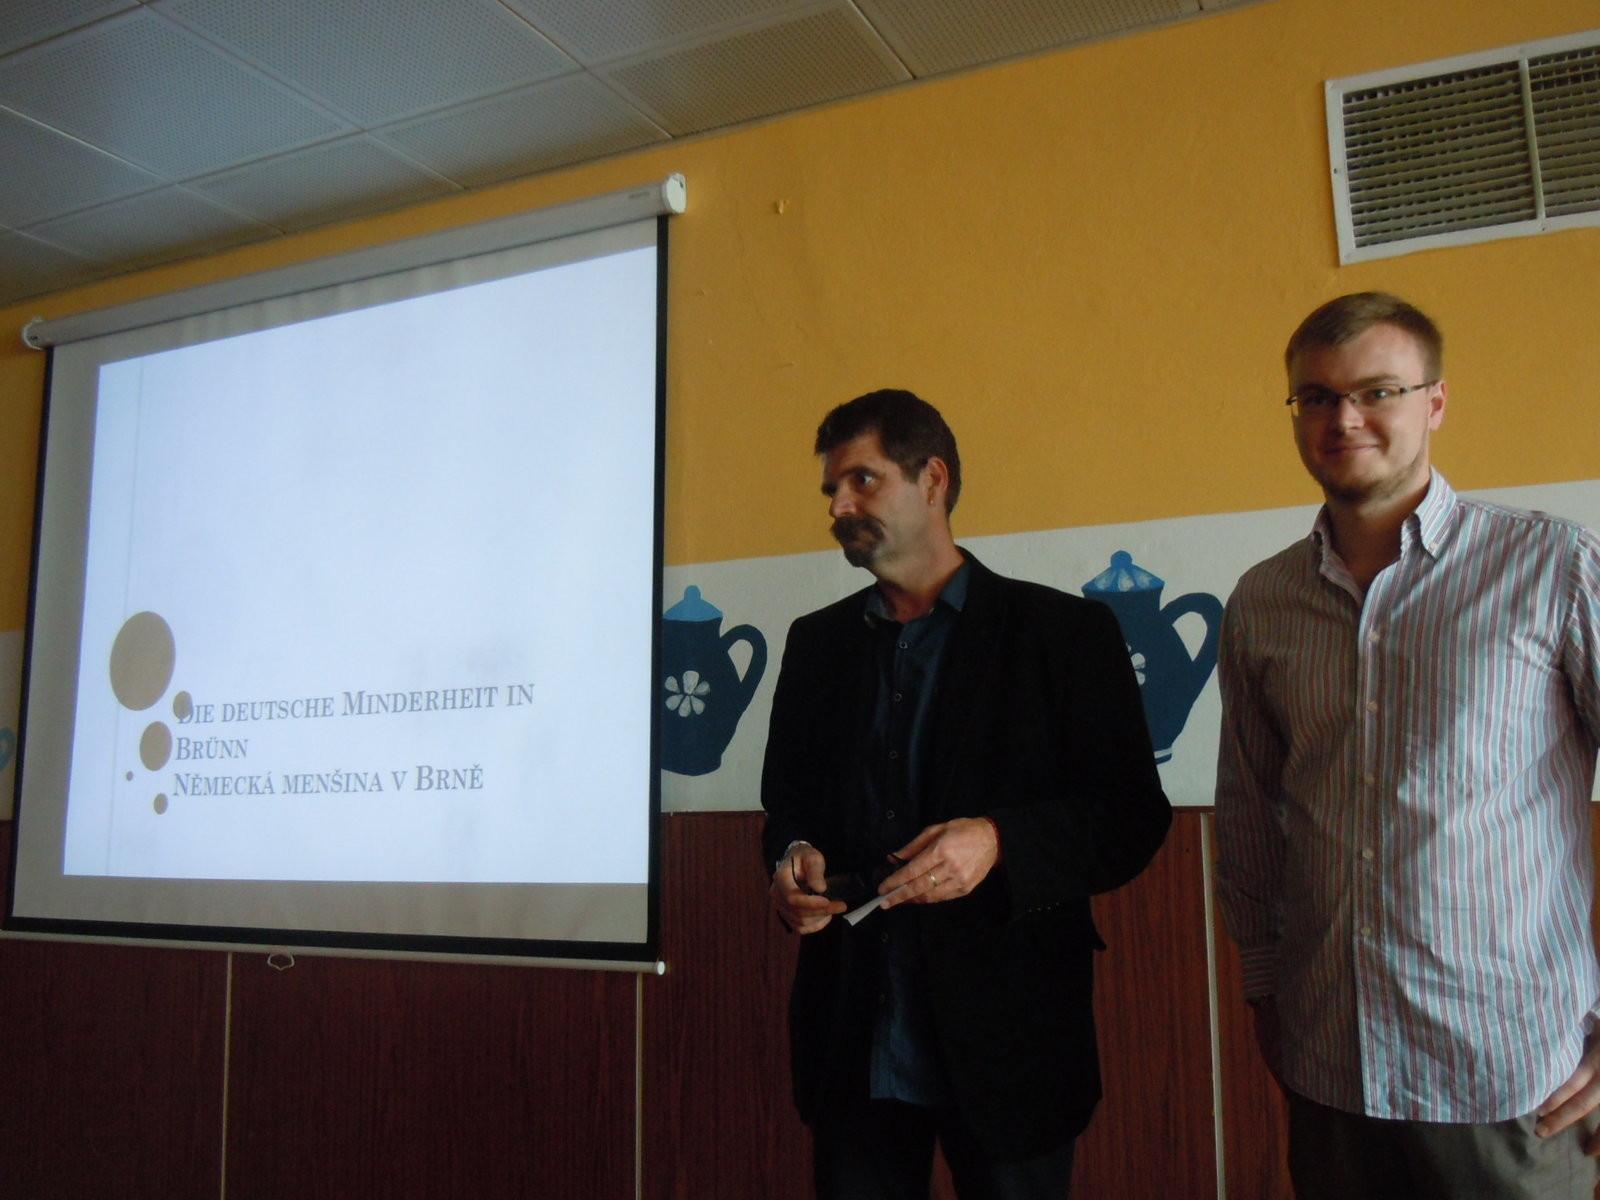 Herr Přemysl Jeřábek, der Direktor der Schule Brno Jasanová in Jundorf und Herr Tomáš Jurčík, der Beauftragte für Minderheiten eröffnen die Veranstaltung